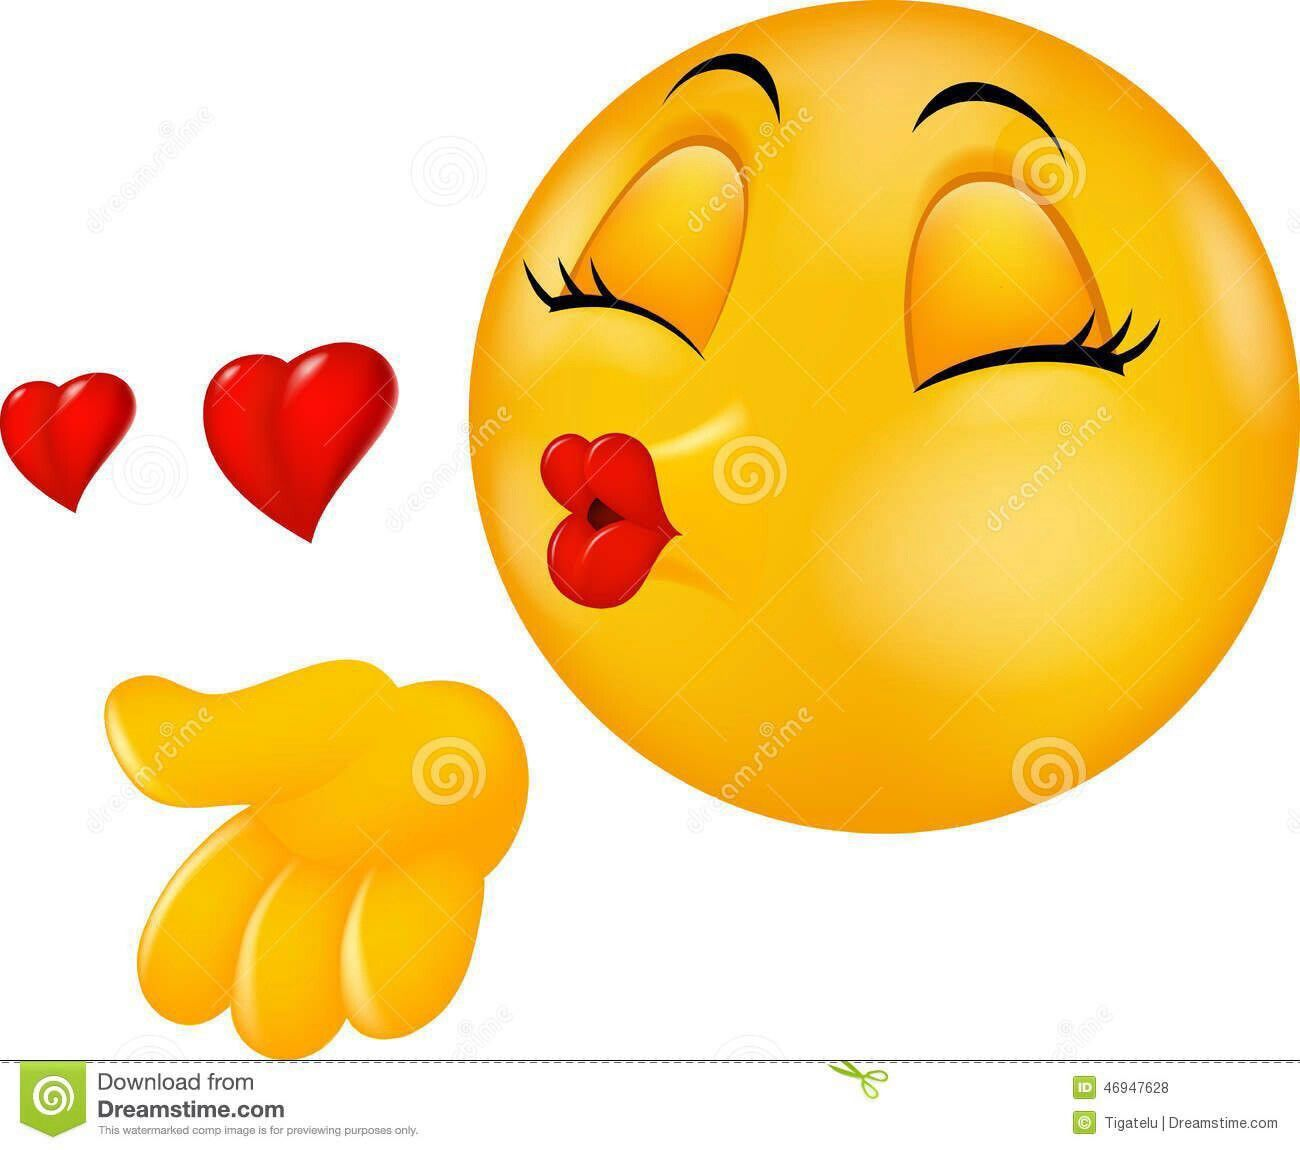 Voor iedereen die mij heeft gepint liefde daniel pinterest voor iedereen die mij heeft gepint liefde naughty emojiemoji symbolsemojis smileysopportunityprofileemoji wallpaperblowing kissestwitter biocorpaavc